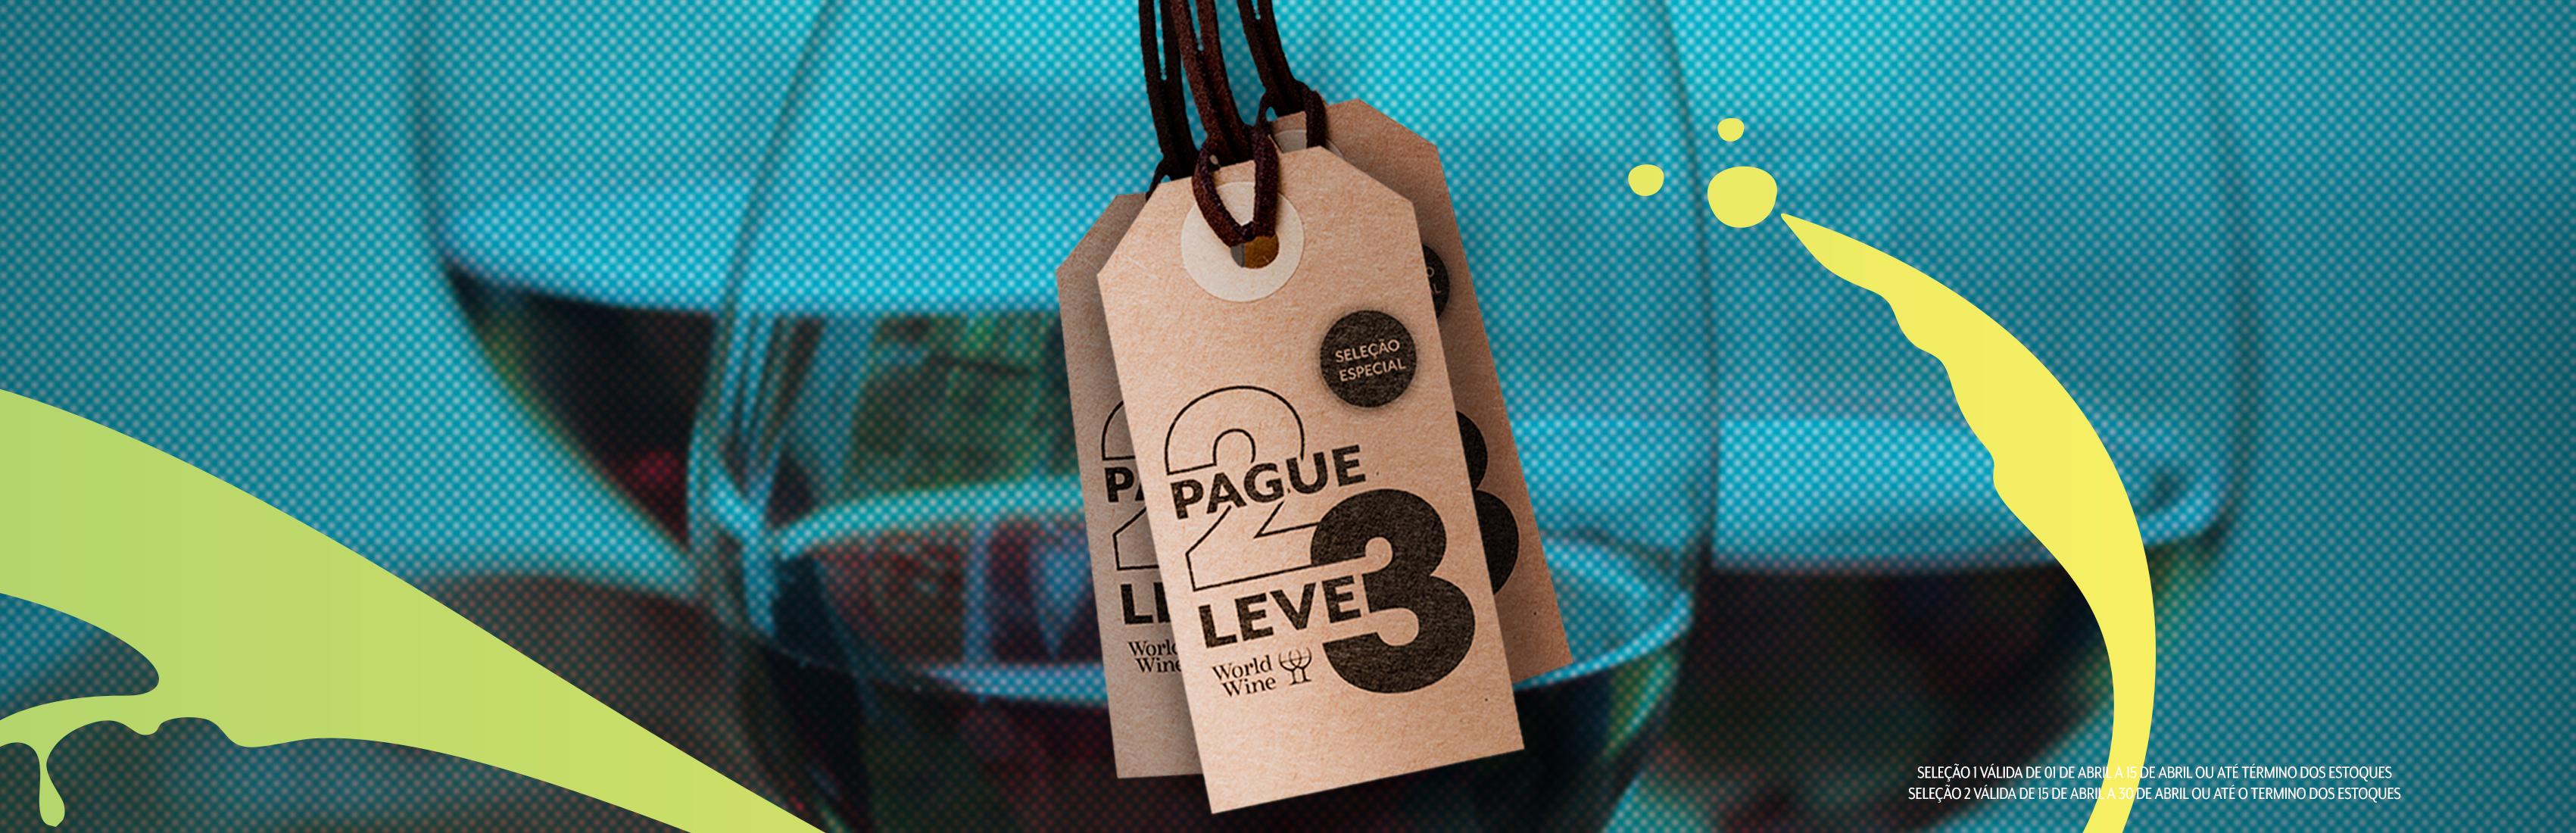 Leve 3 Pague 2